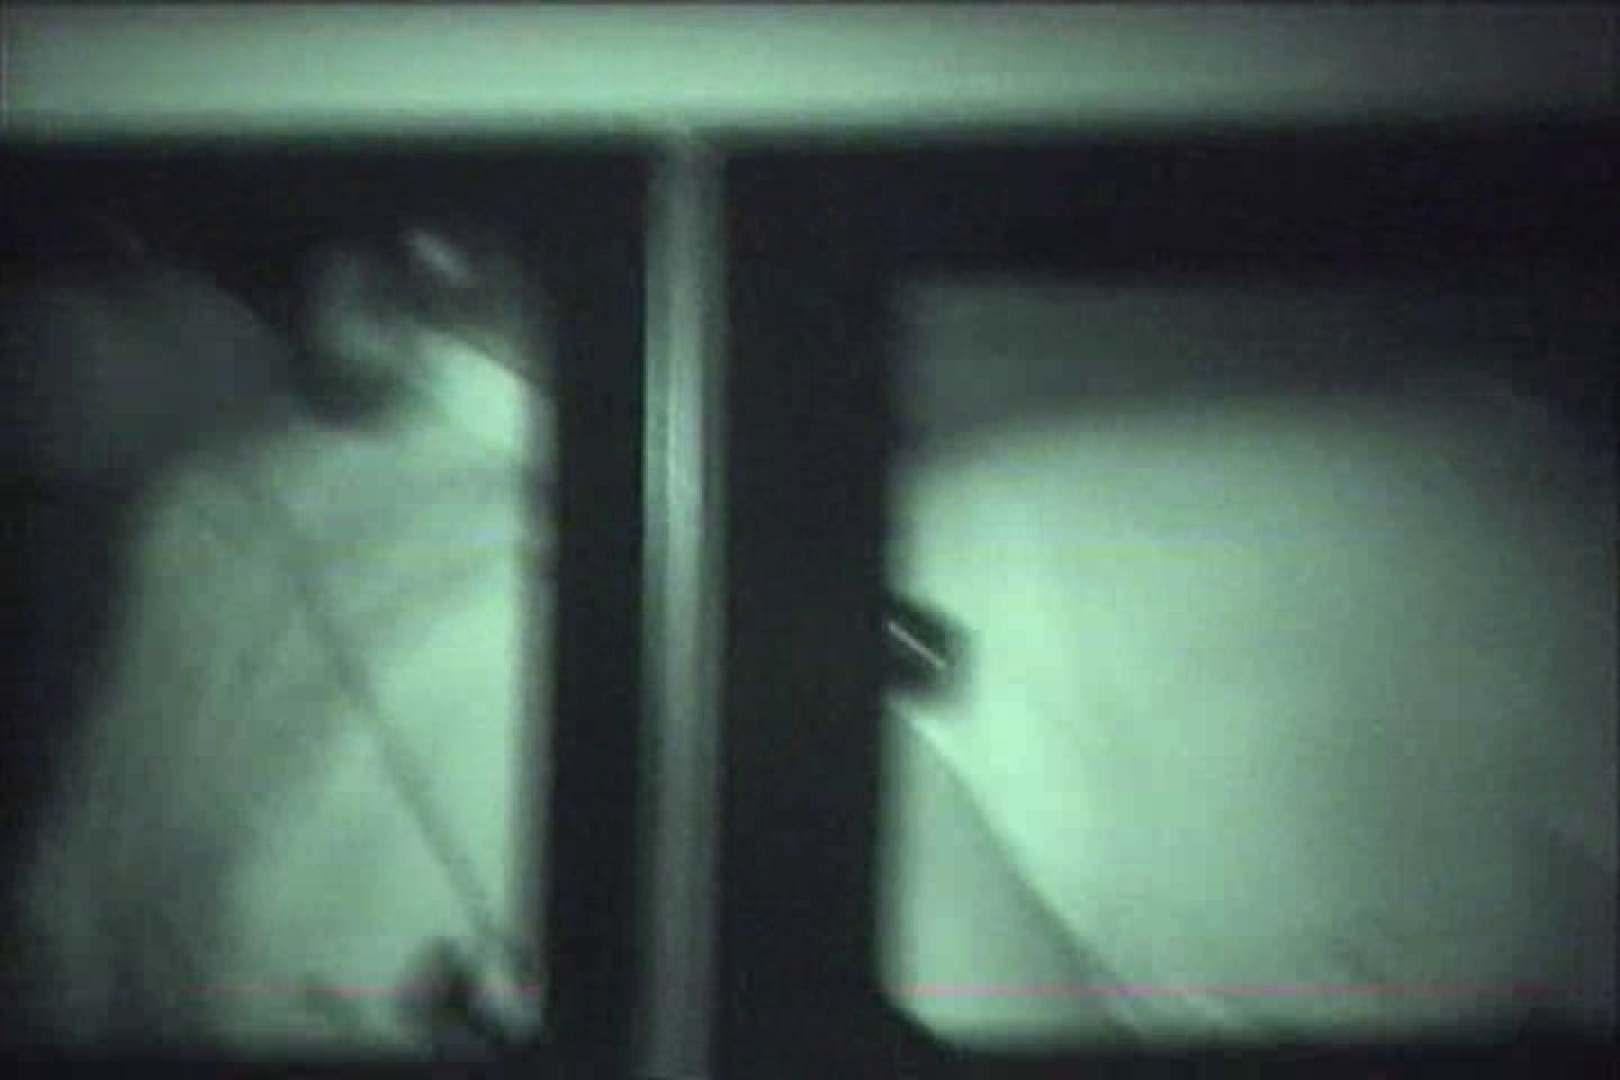 車の中はラブホテル 無修正版  Vol.17 ラブホテル アダルト動画キャプチャ 104連発 41